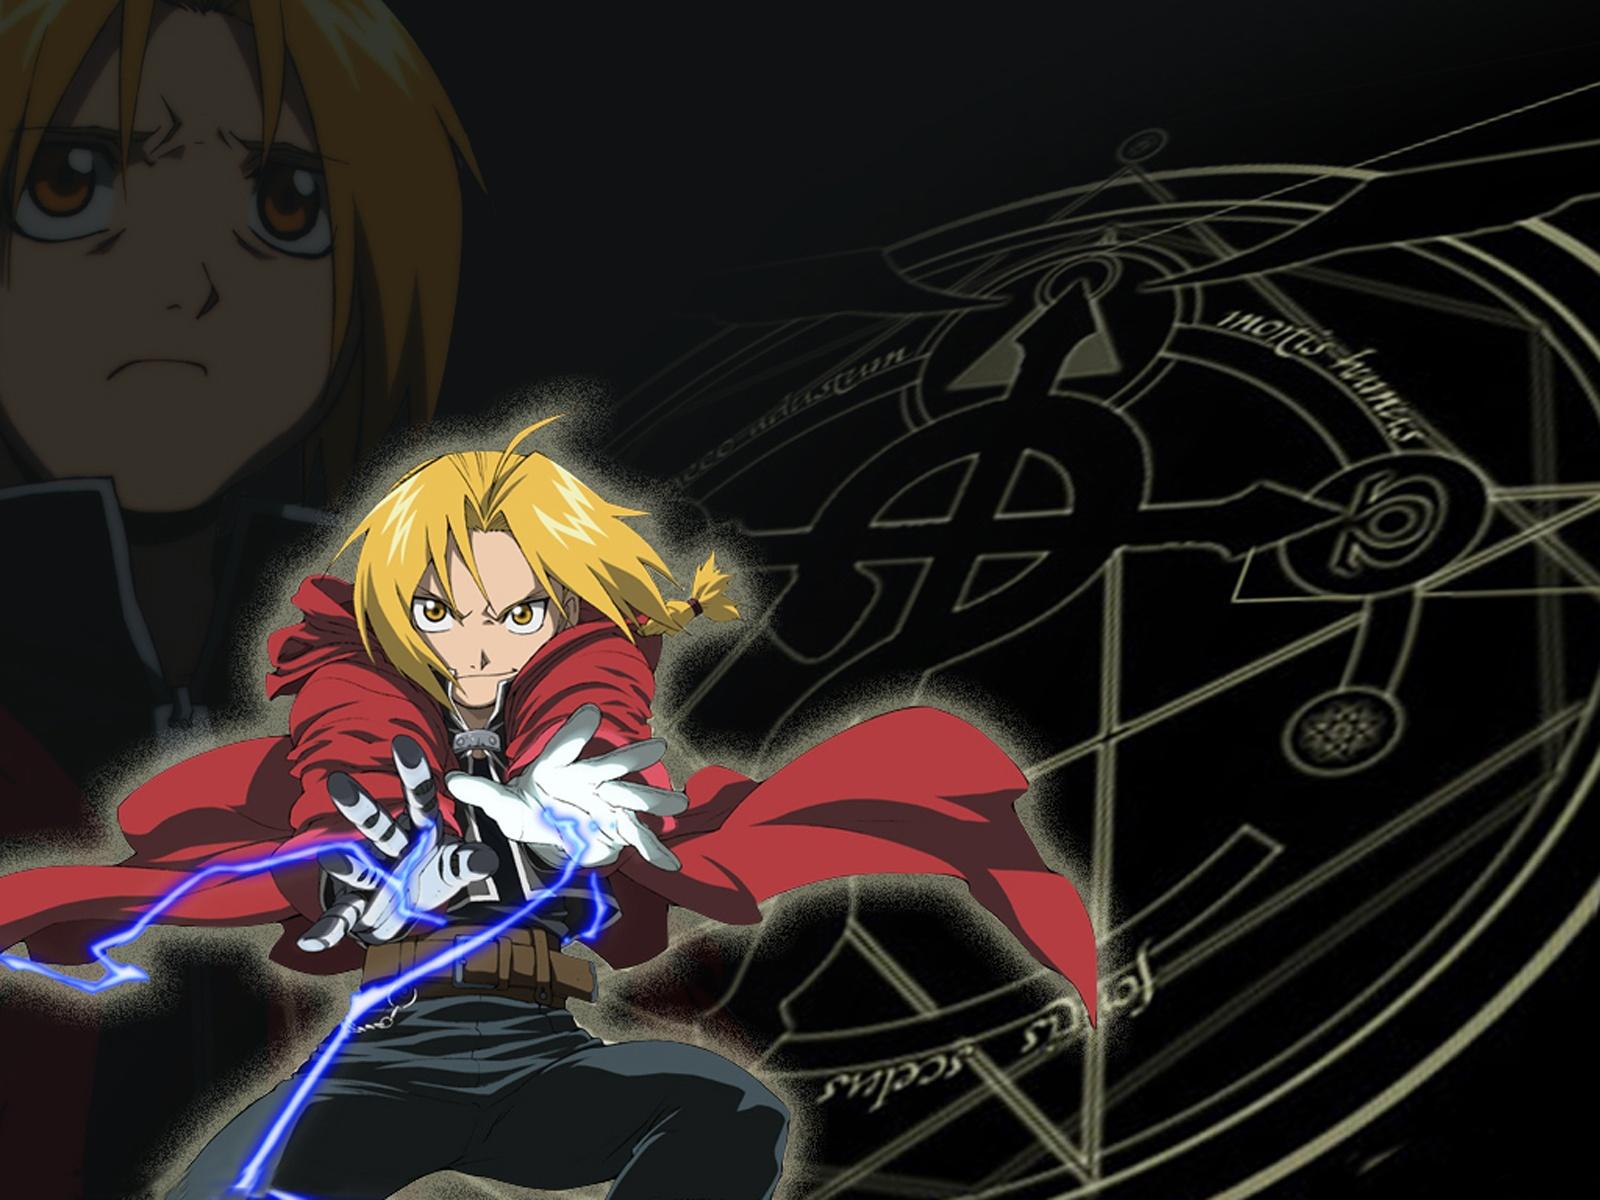 Fullmetal Alchemist Brotherhood 4 Cool Hd Wallpaper Wallpaper 1600x1200